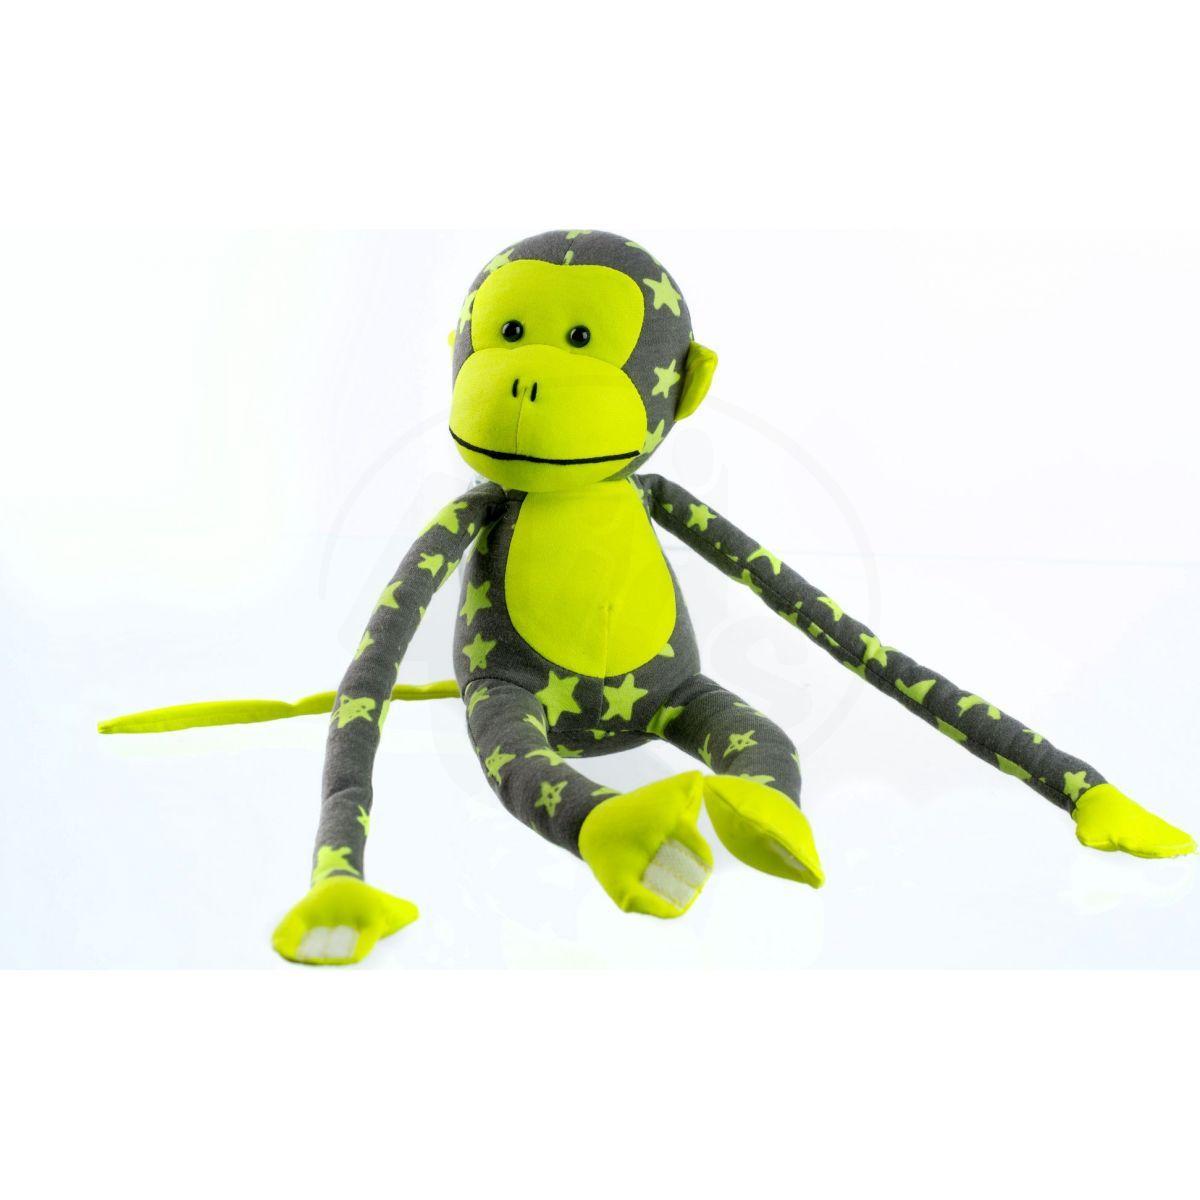 Plyšová opice svítící ve tmě šedožlutá